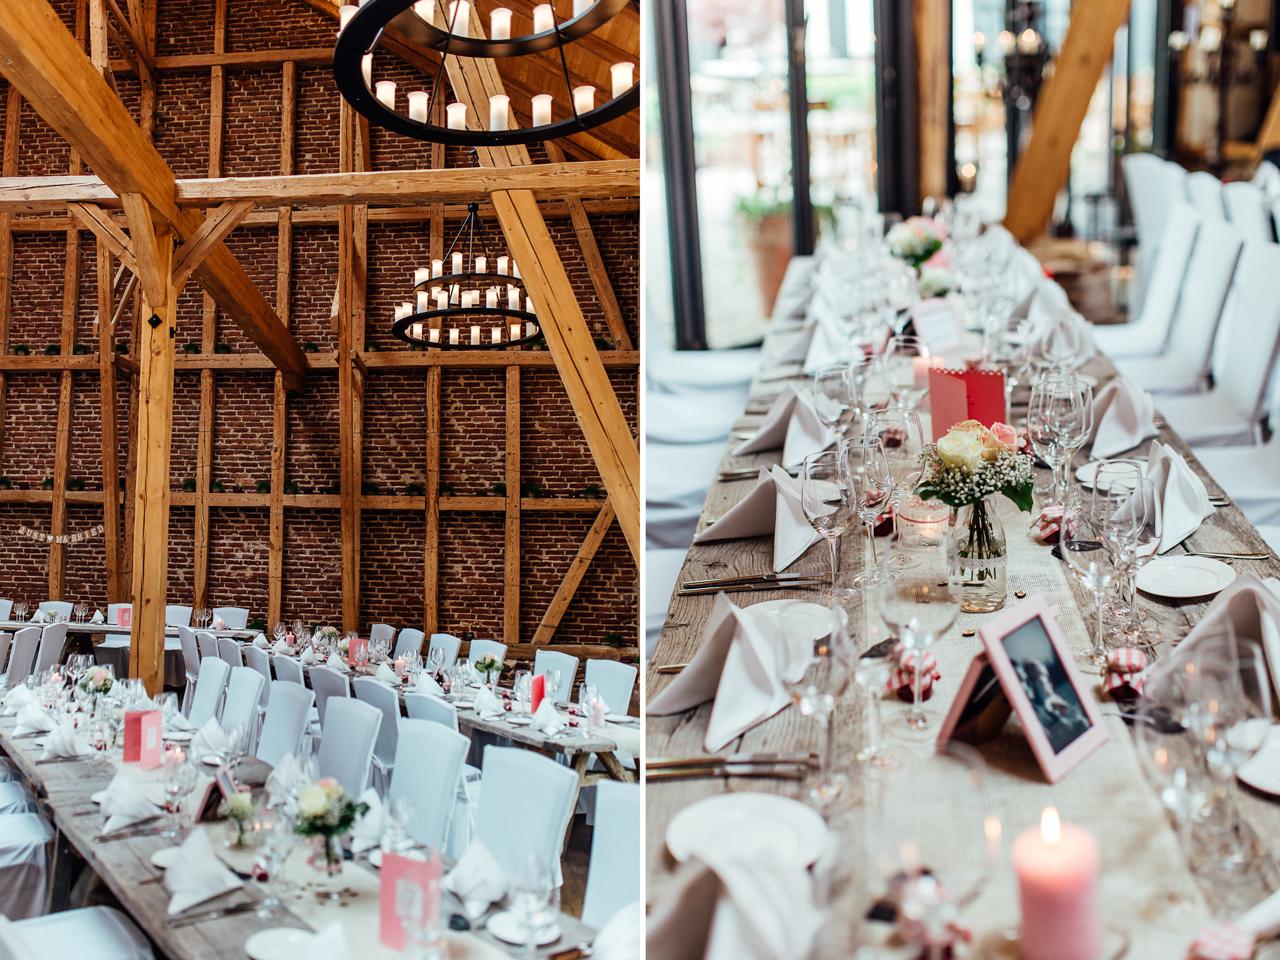 Hochzeit Eventscheune Dagobertshausen - Julia & Florian - Sandra Socha Fotografie - 60